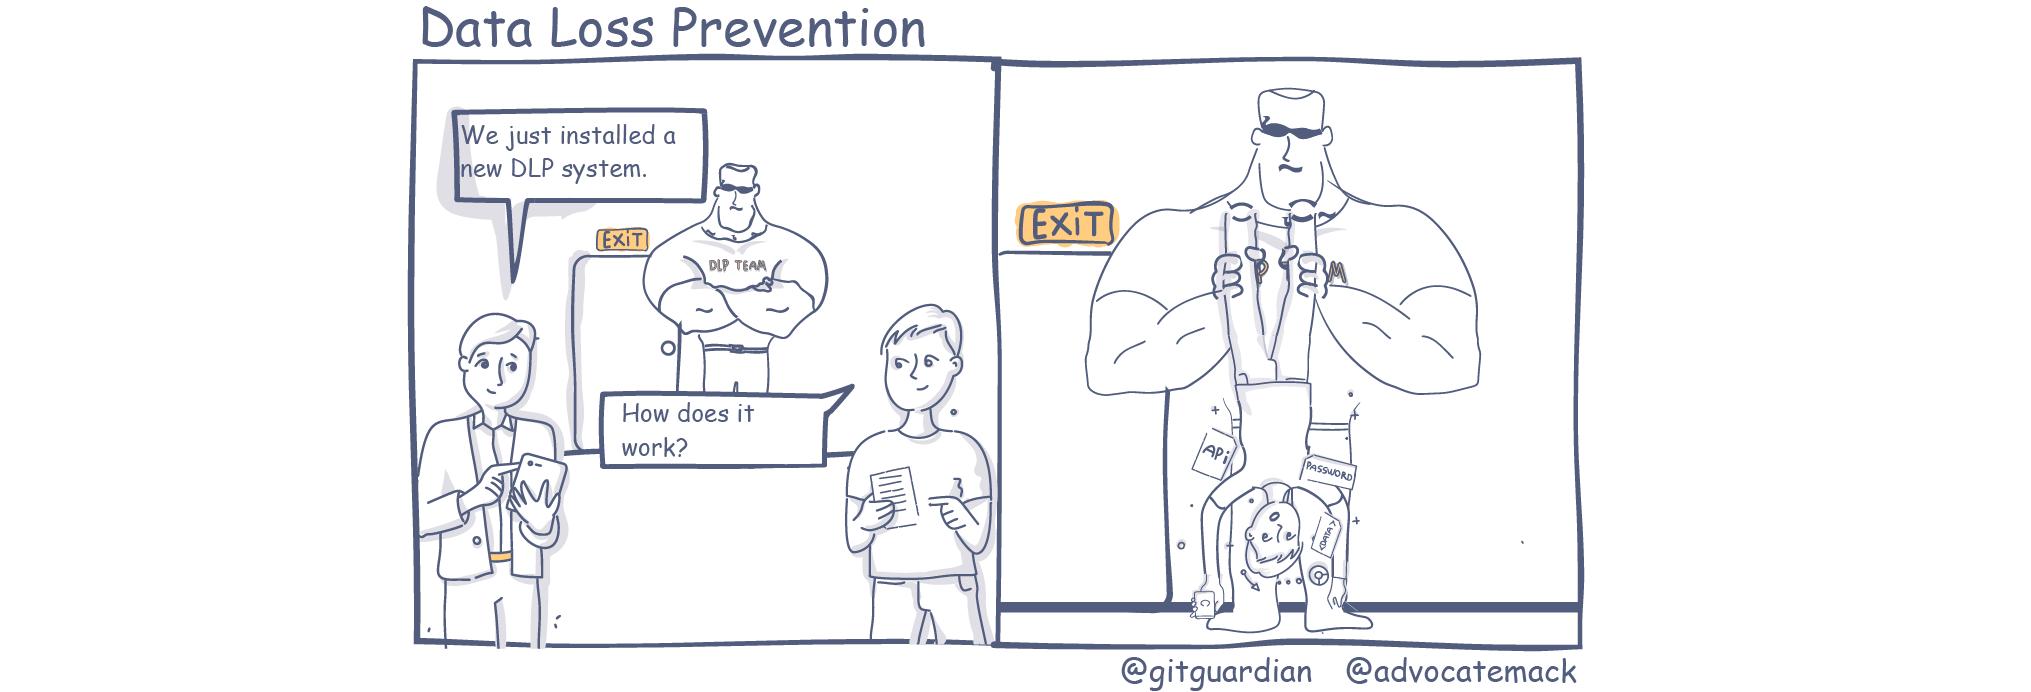 Data Loss Prevention Comic